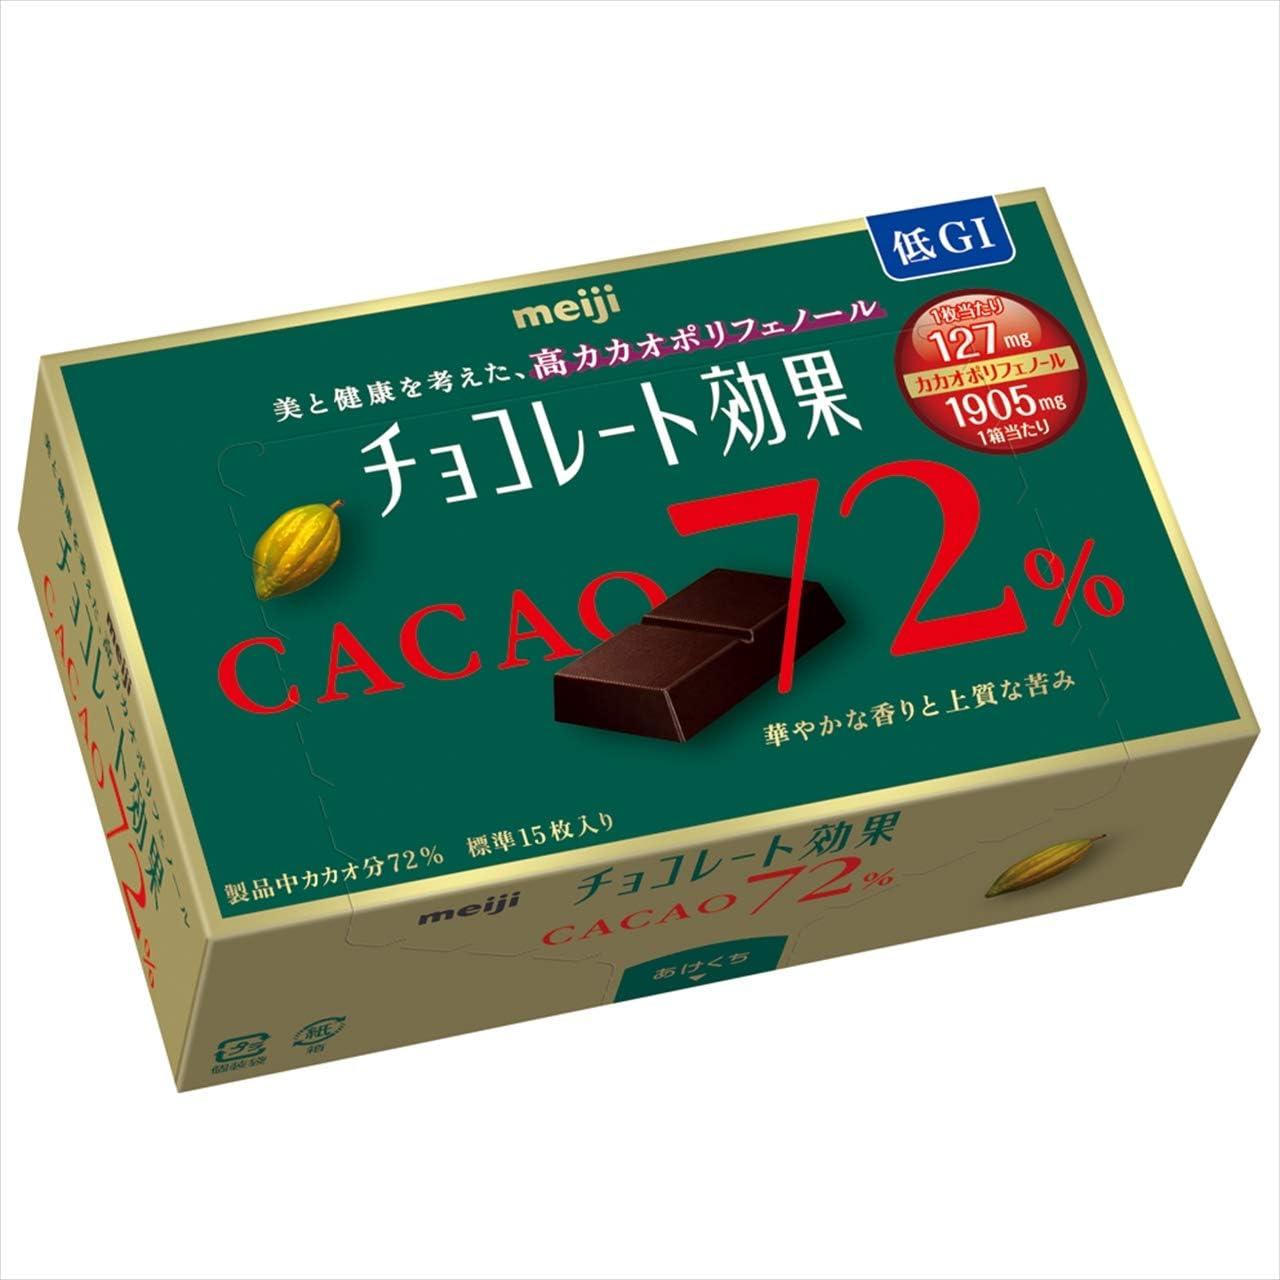 明治 チョコレート効果カカオ72%BOX